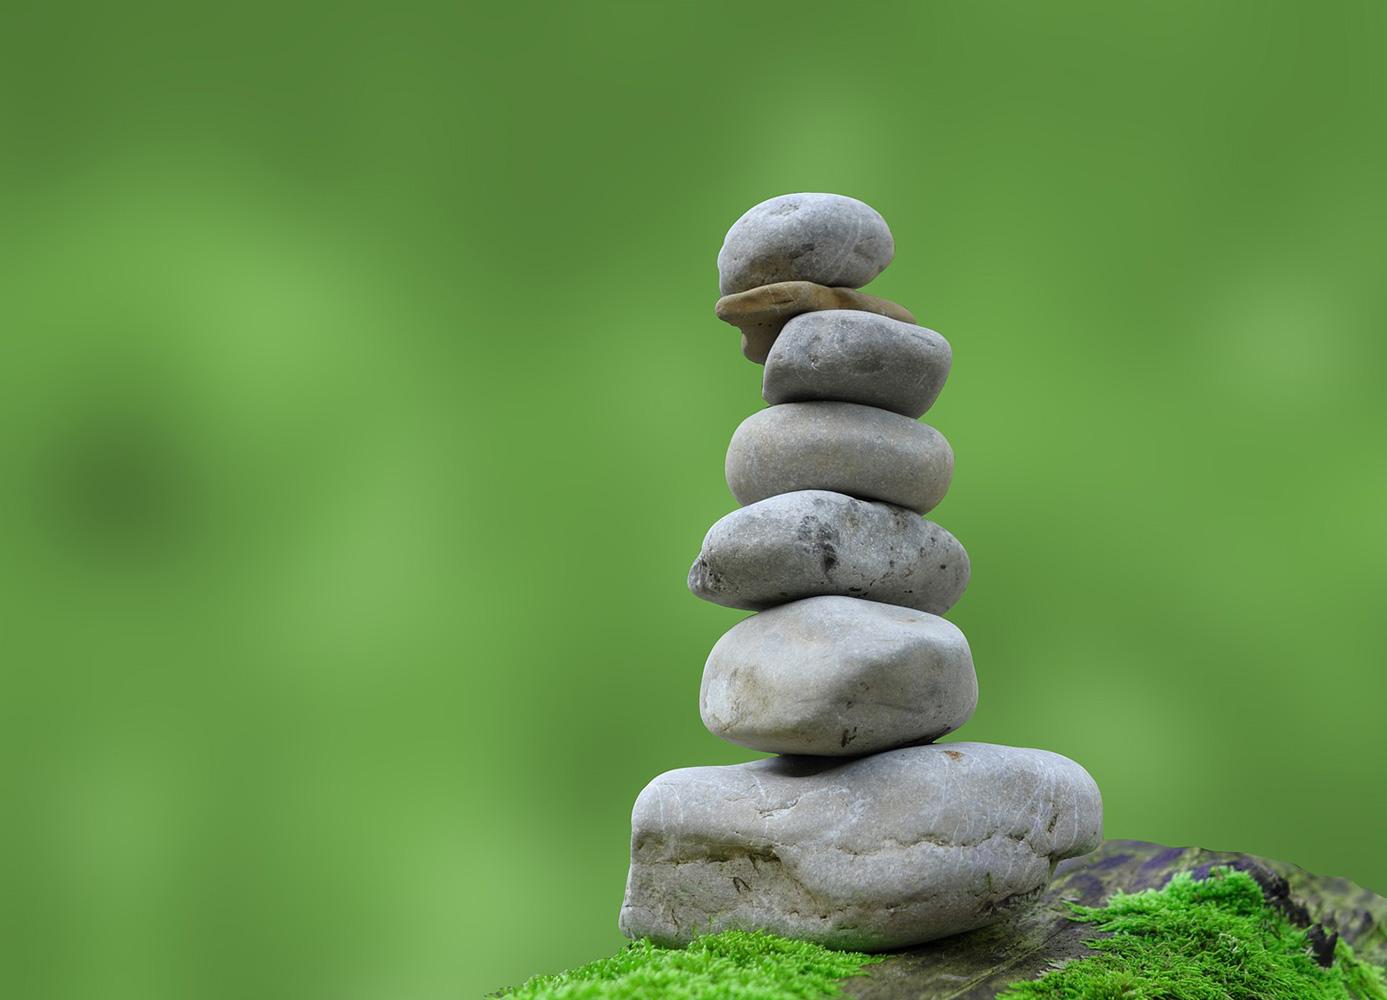 visuel pierre stand up